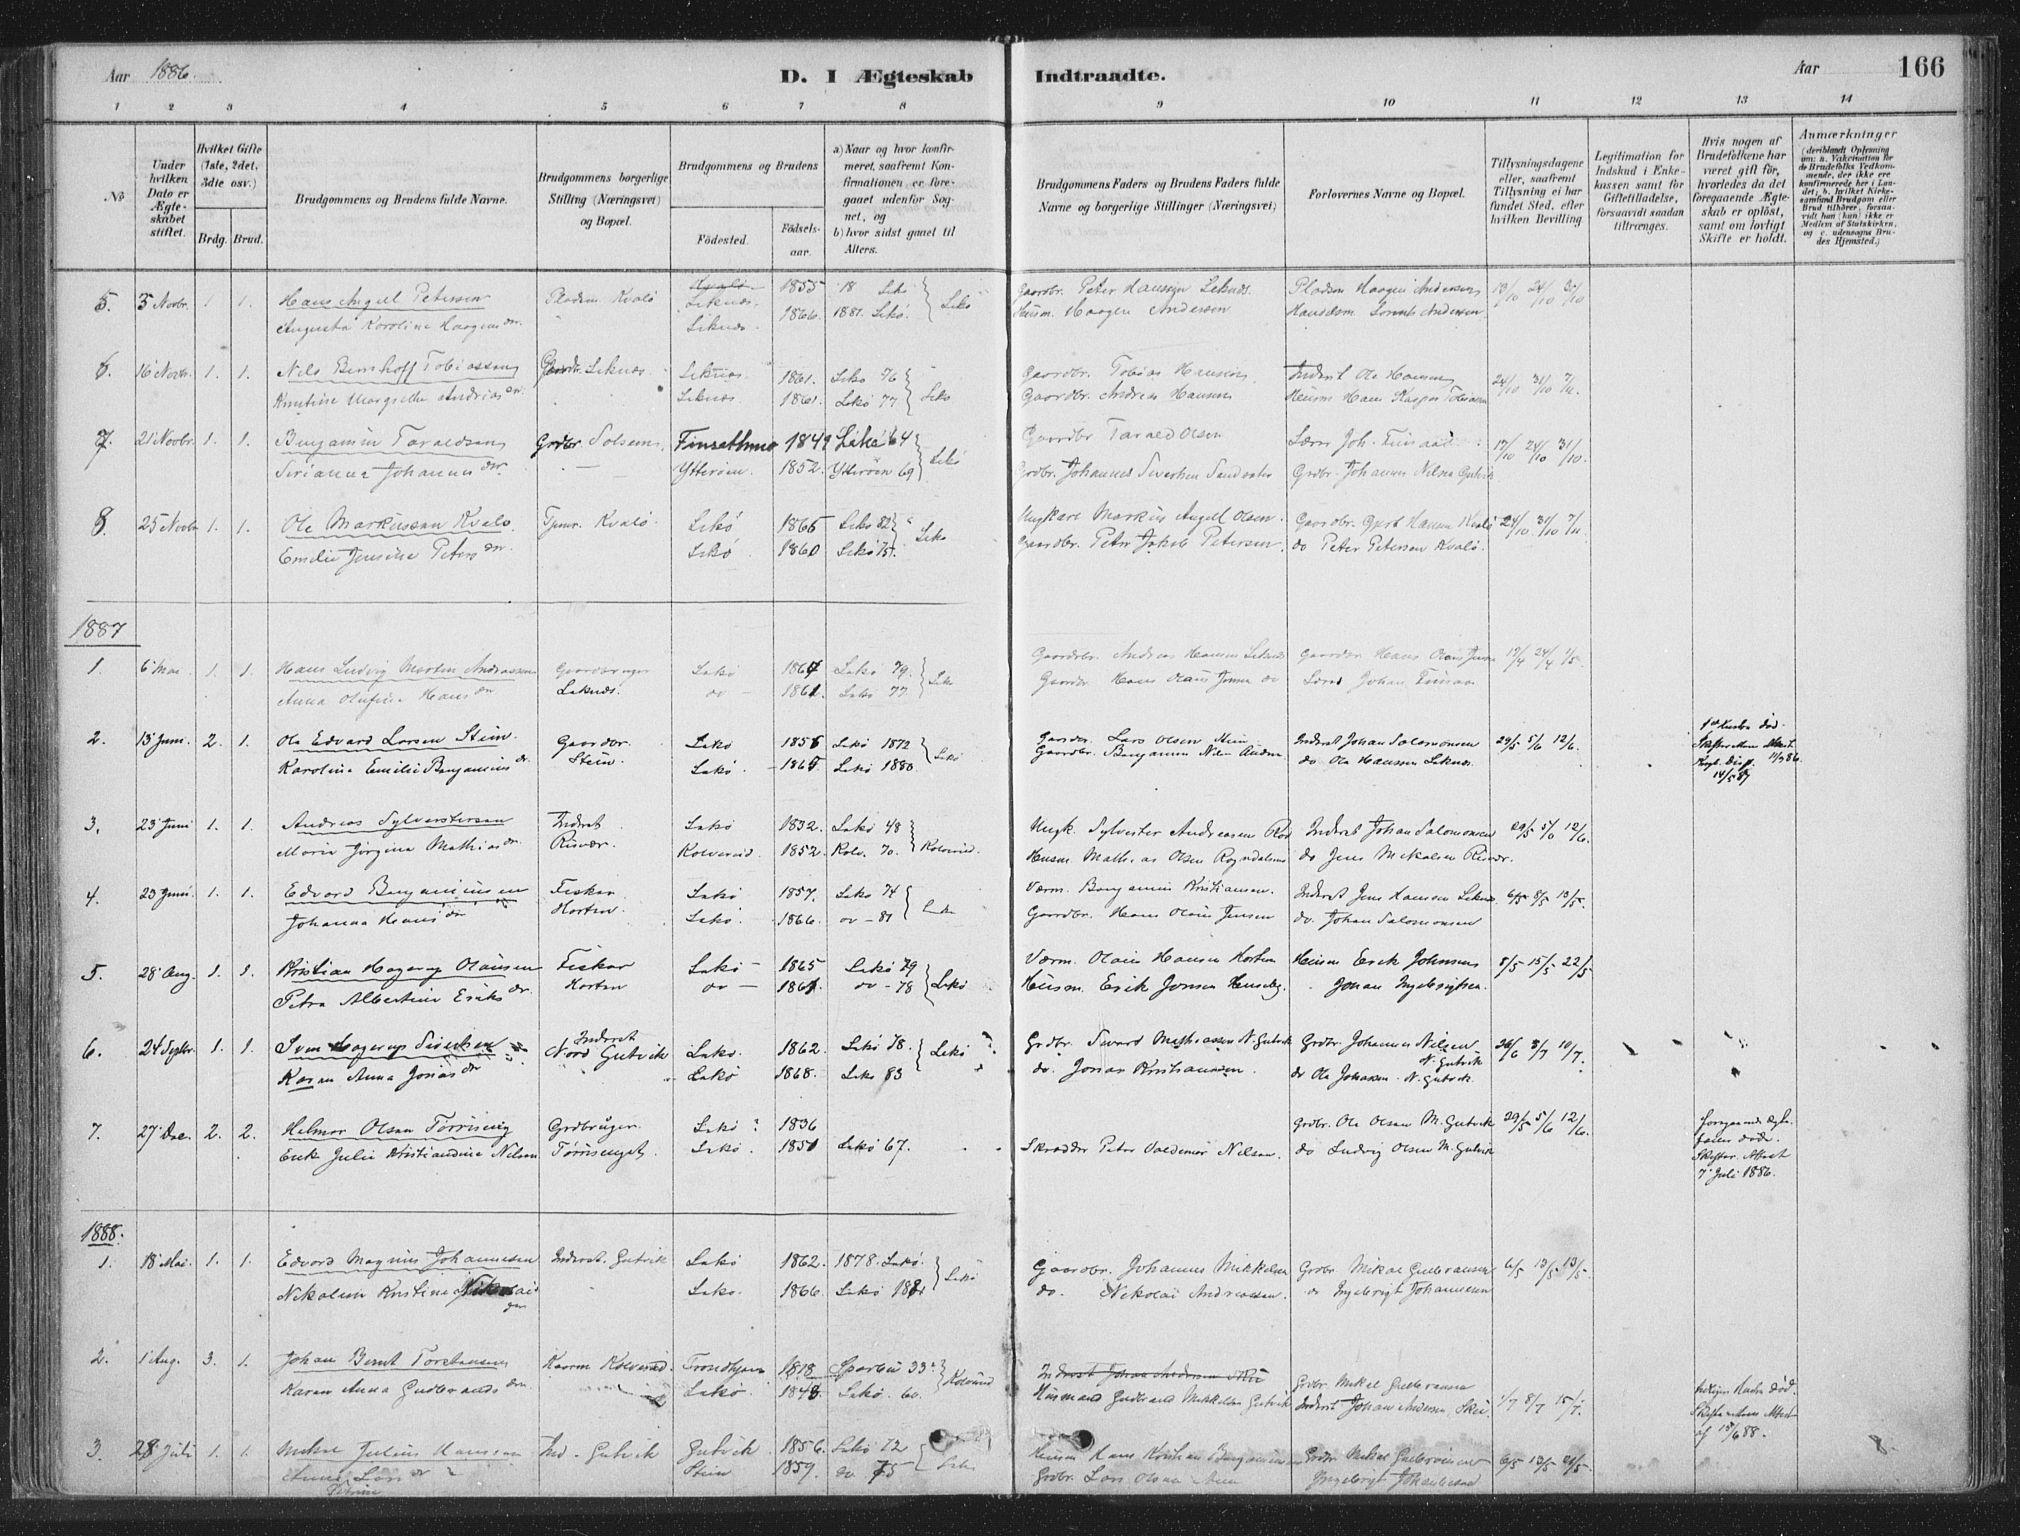 SAT, Ministerialprotokoller, klokkerbøker og fødselsregistre - Nord-Trøndelag, 788/L0697: Ministerialbok nr. 788A04, 1878-1902, s. 166